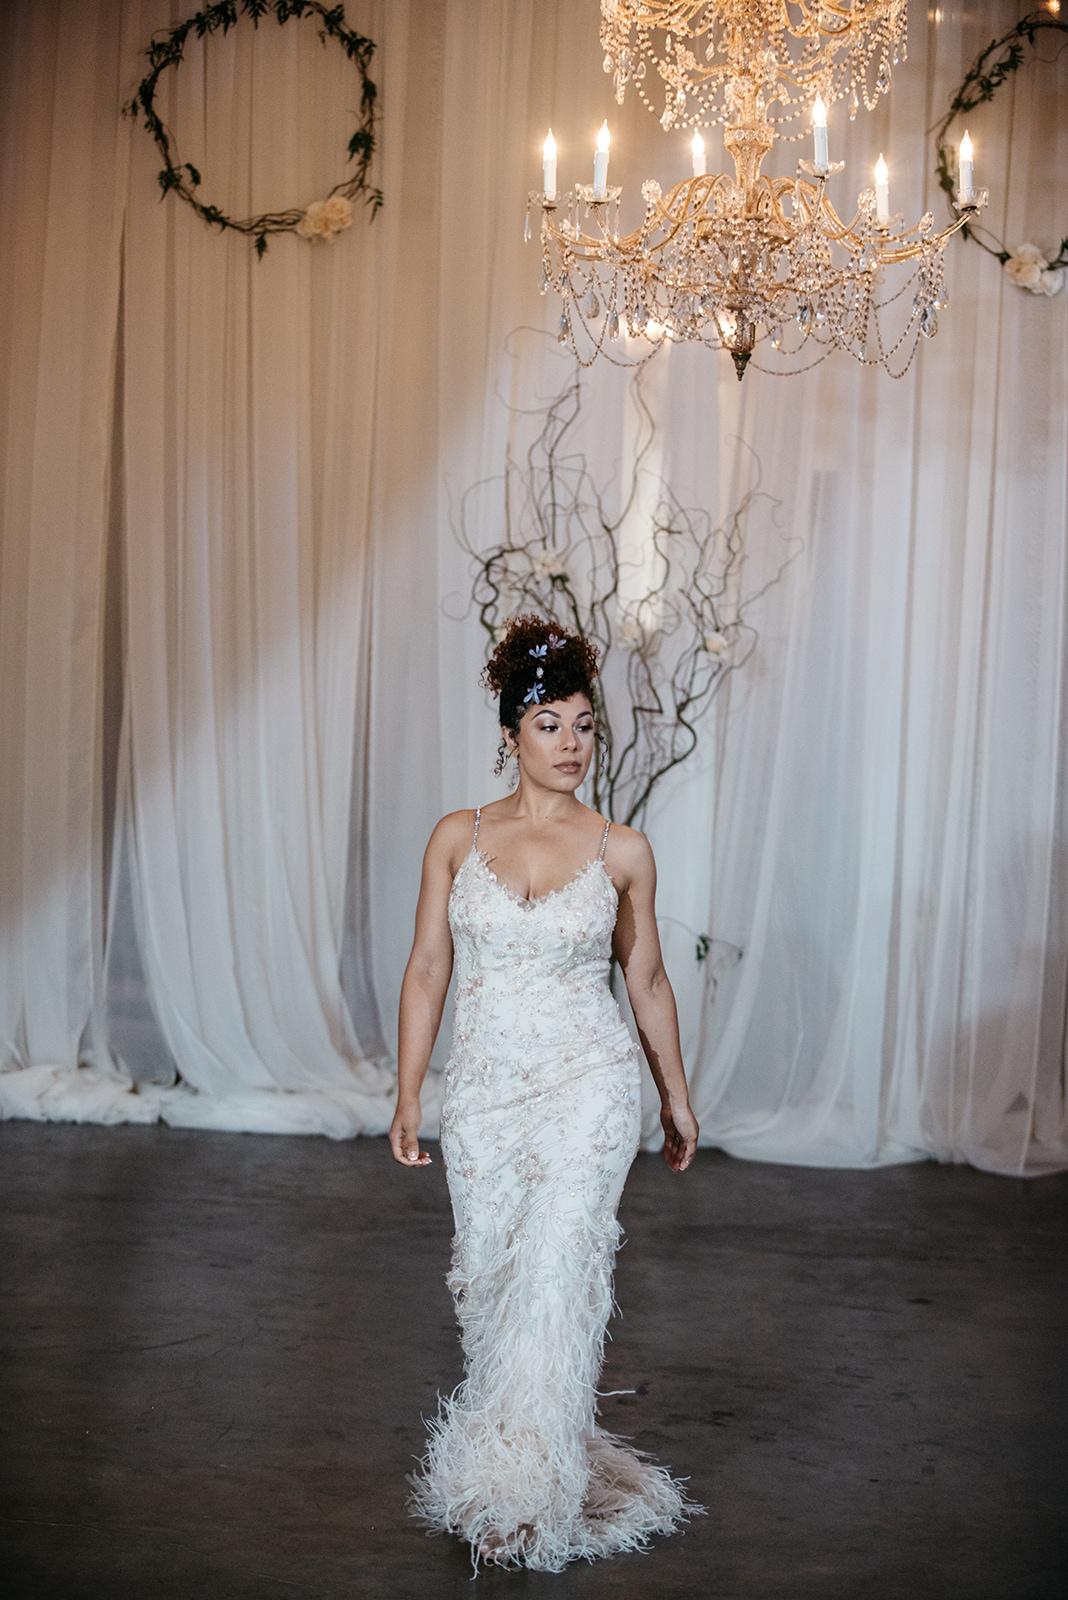 Model Curissa De'Leon wearing Enzoani.